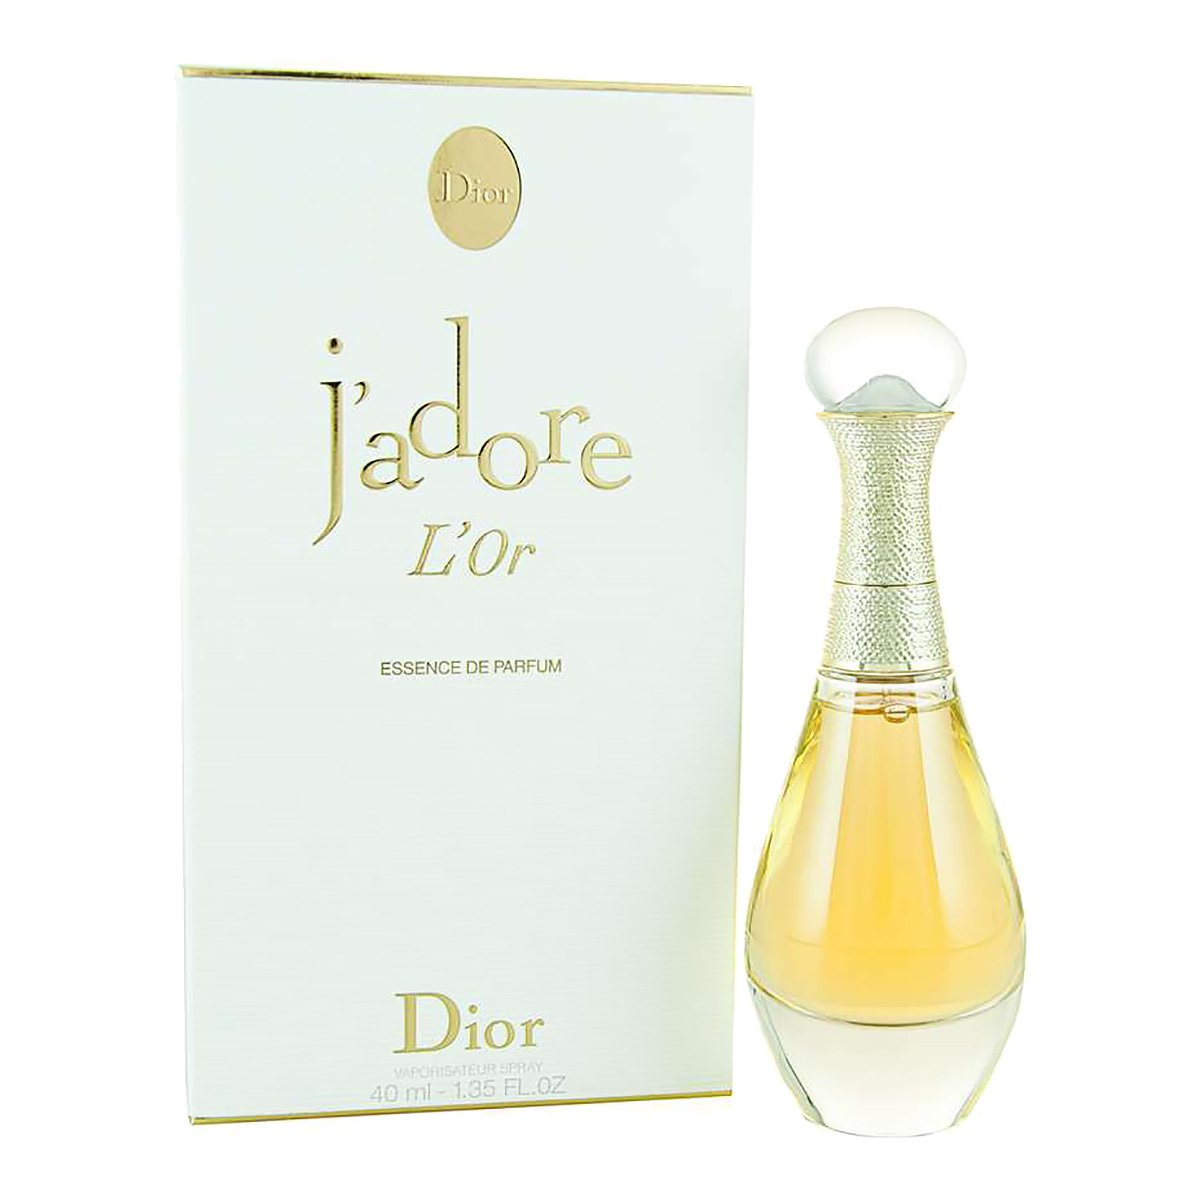 Christian Dior Jadore Lor купить в минске и рб